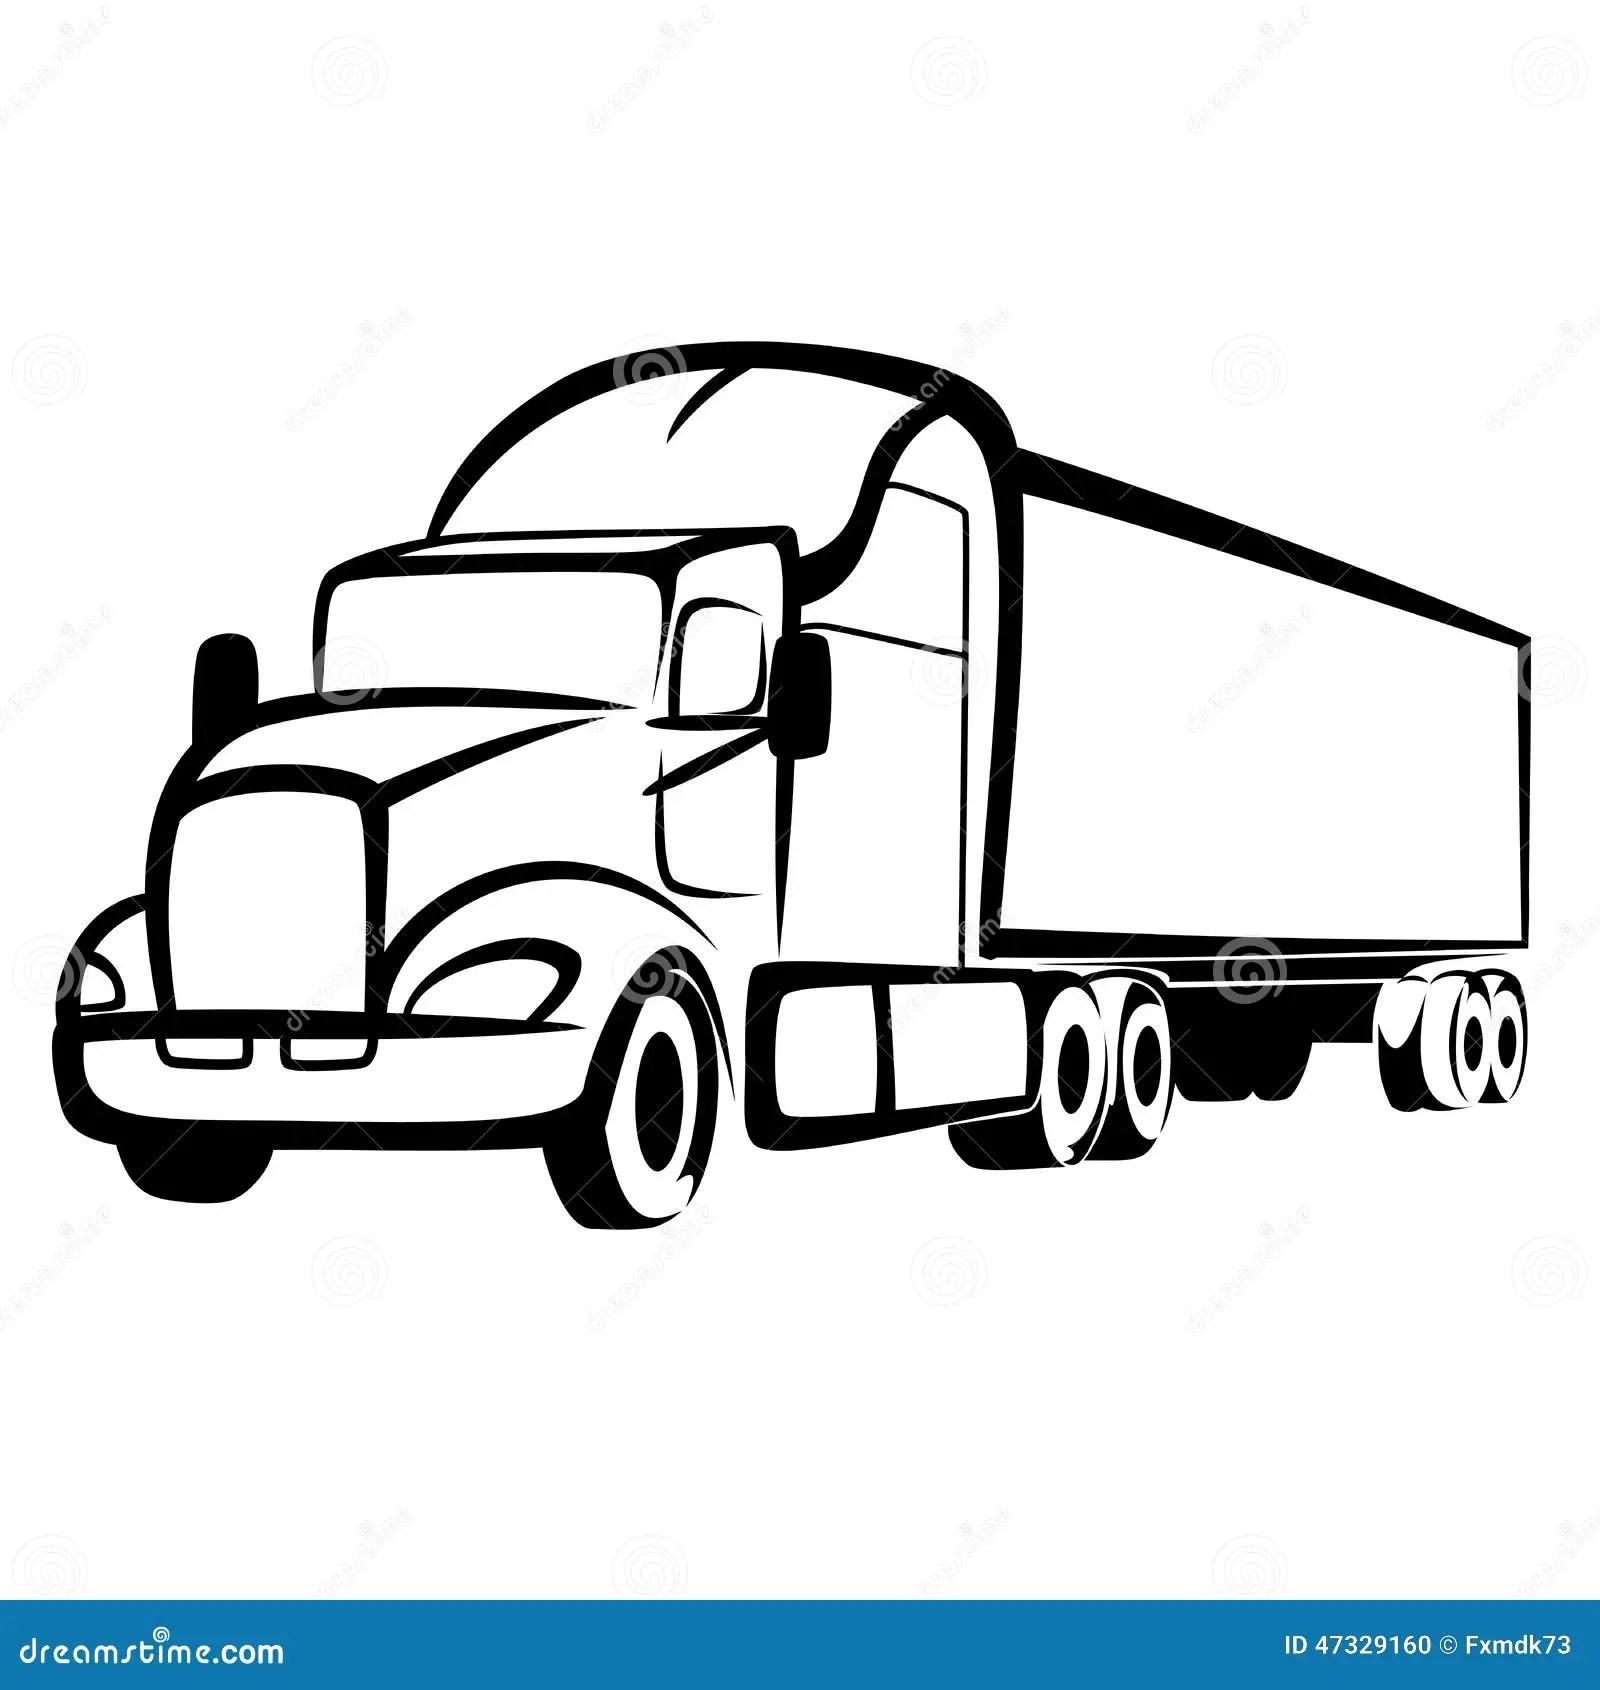 Truck Symbol Stock Vector Illustration Of Traffic